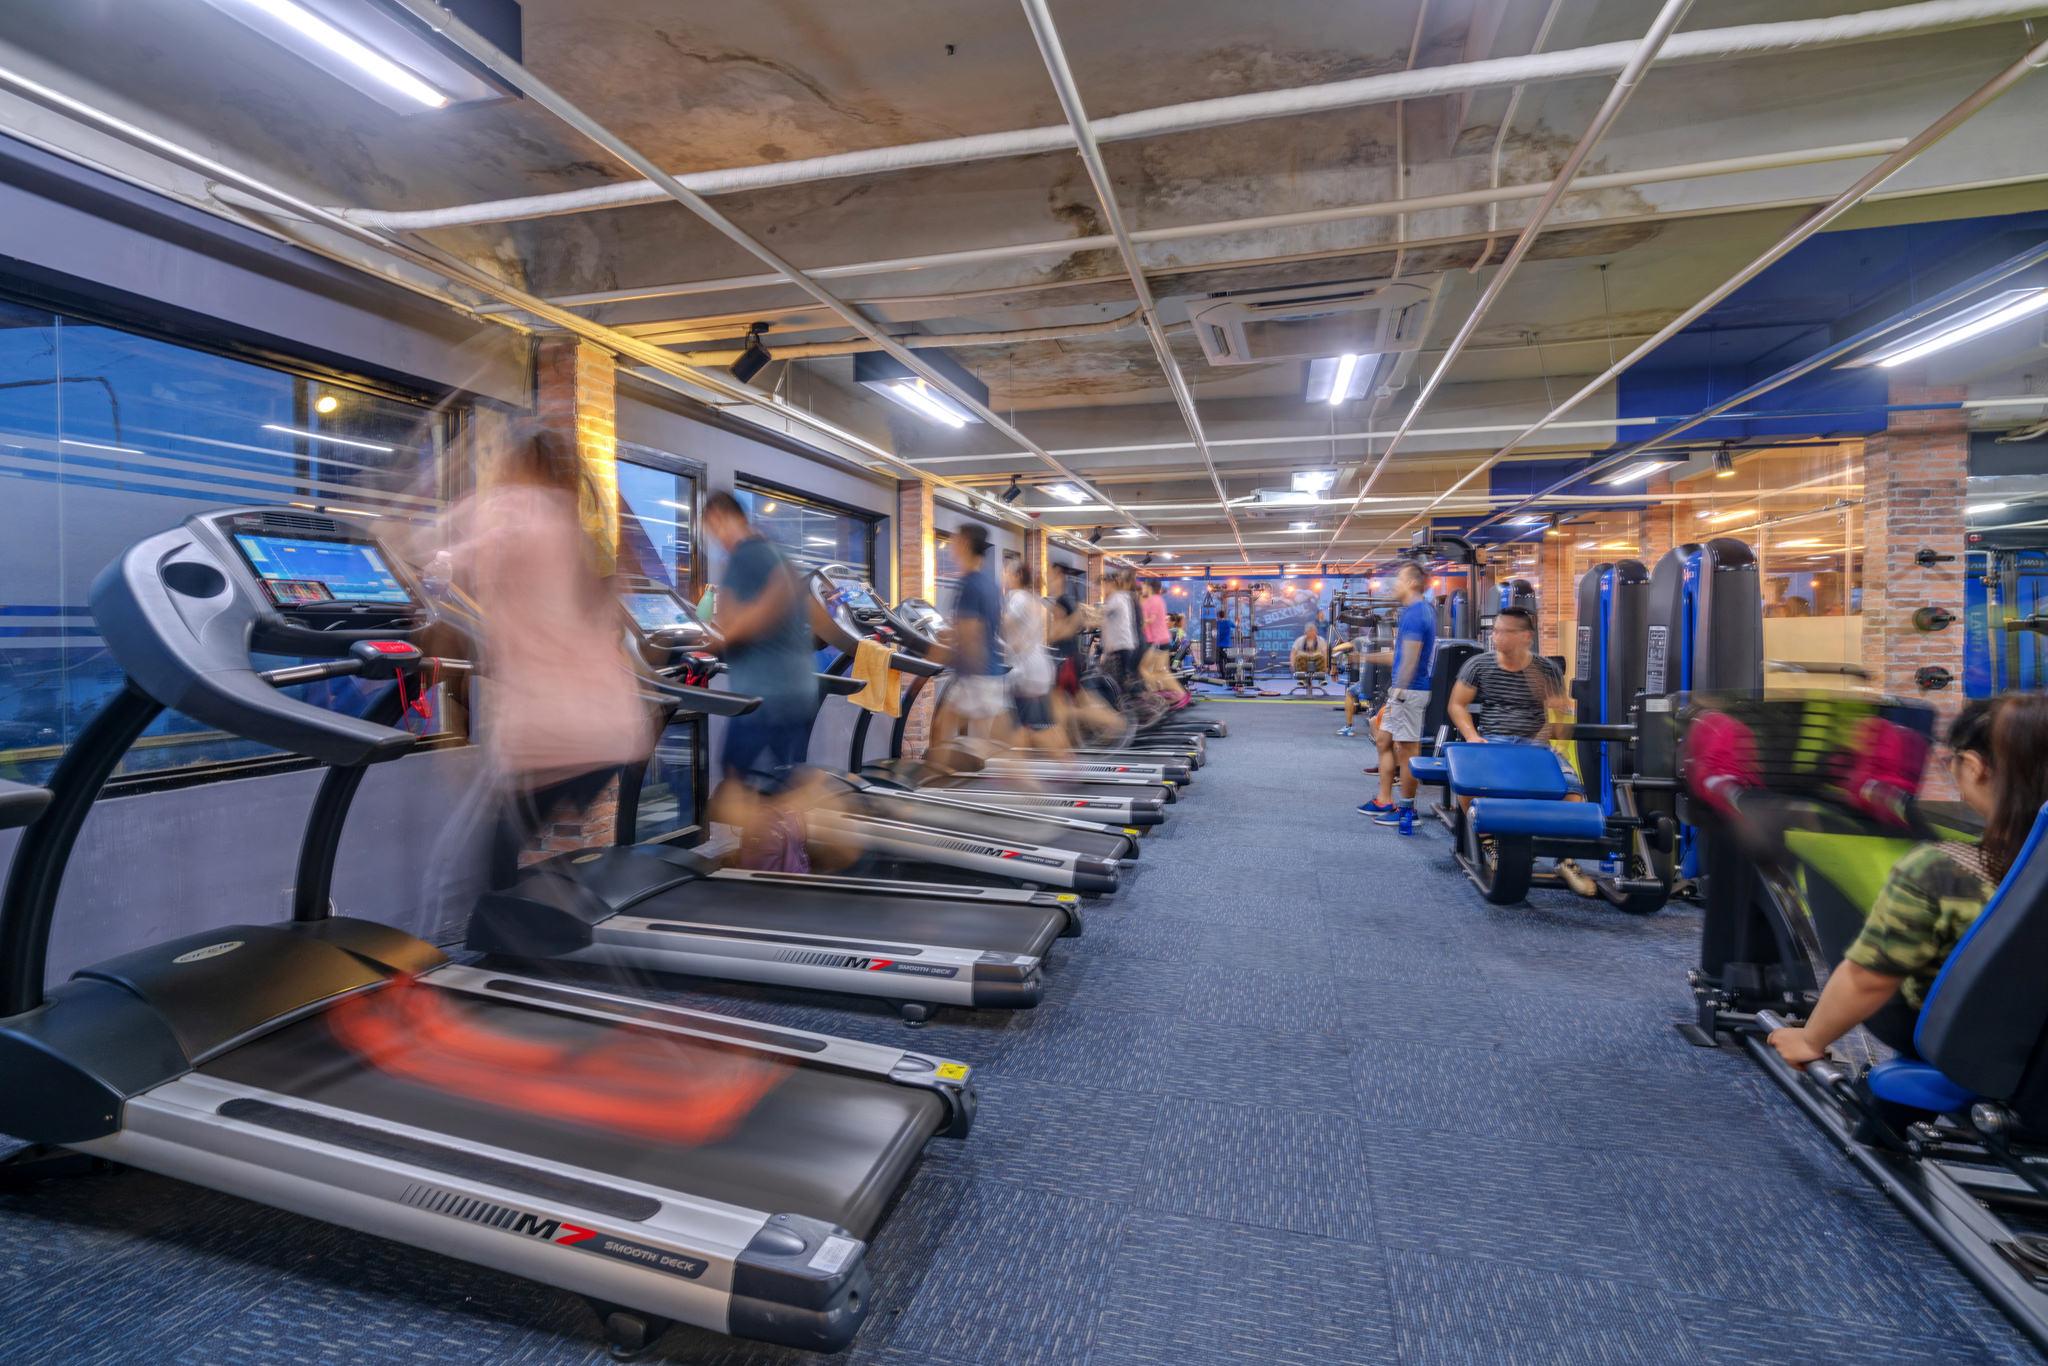 20180504 - Fox fitness - Interior - 35.jpg